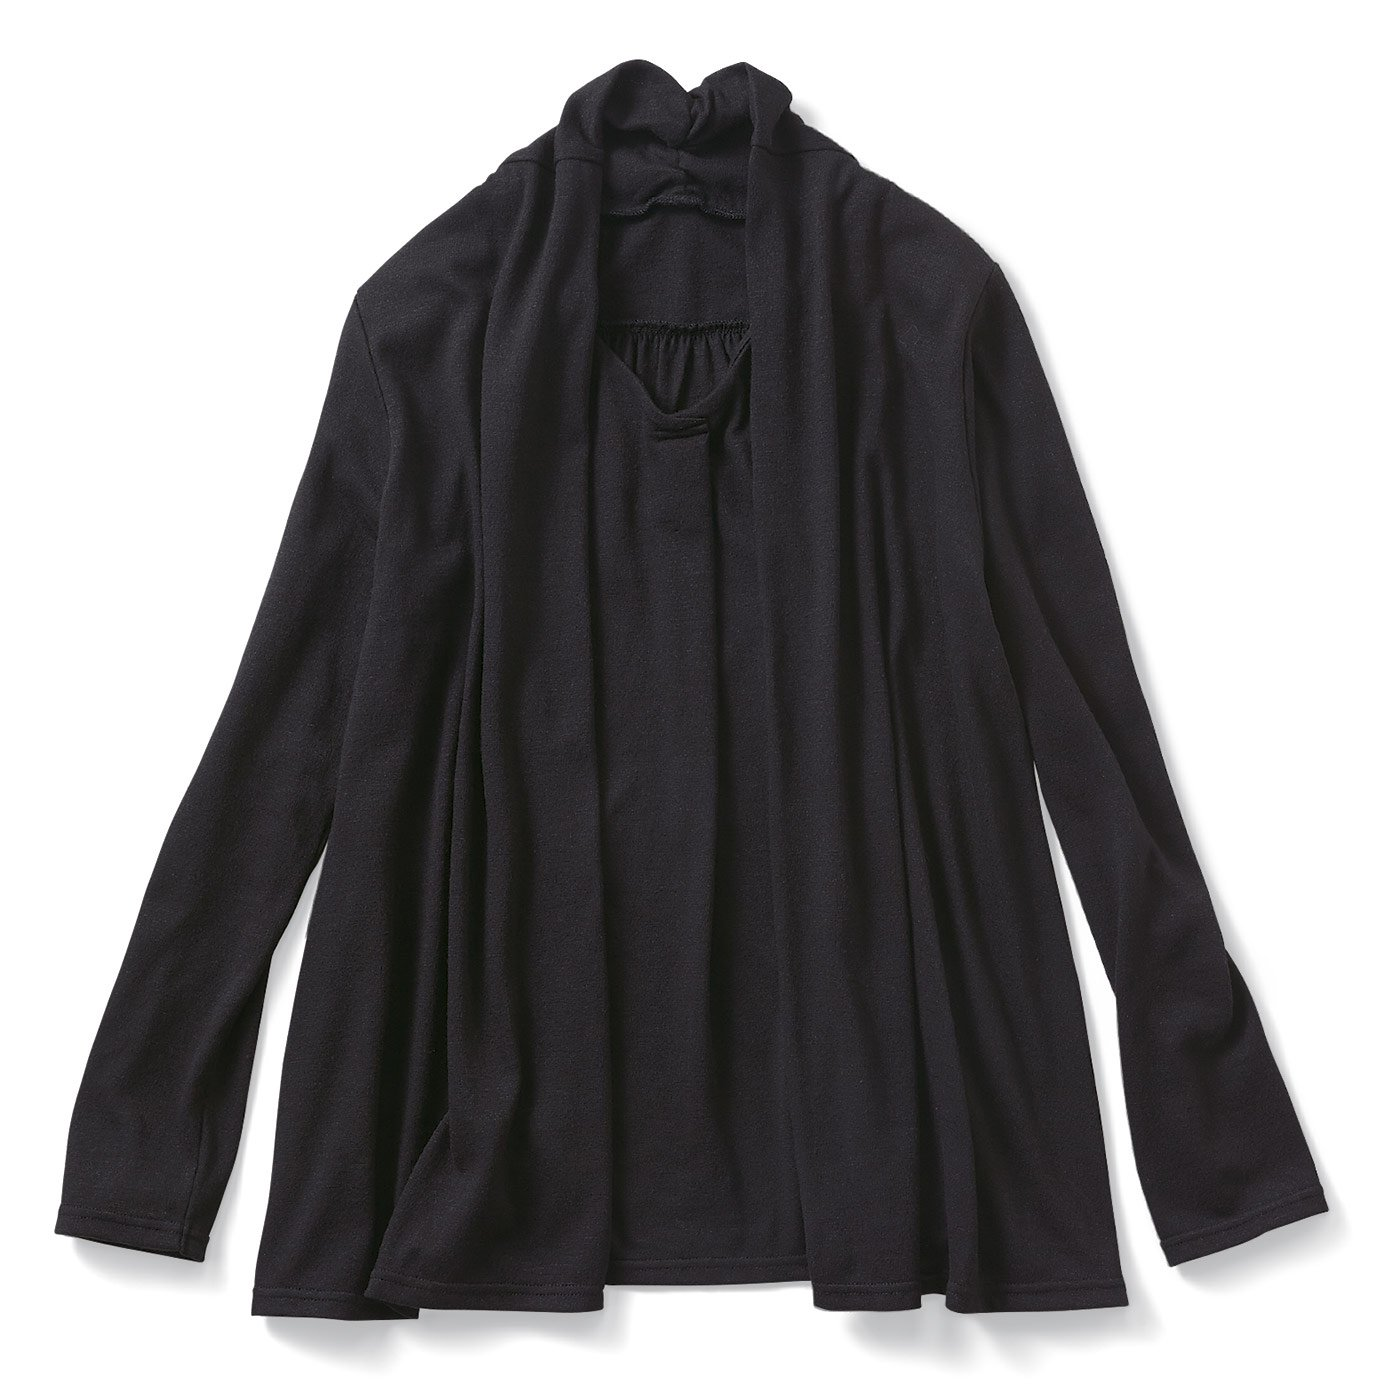 リブ イン コンフォート ふわり軽やか重ね着しているみたいなカディオーバートップス〈ブラック〉